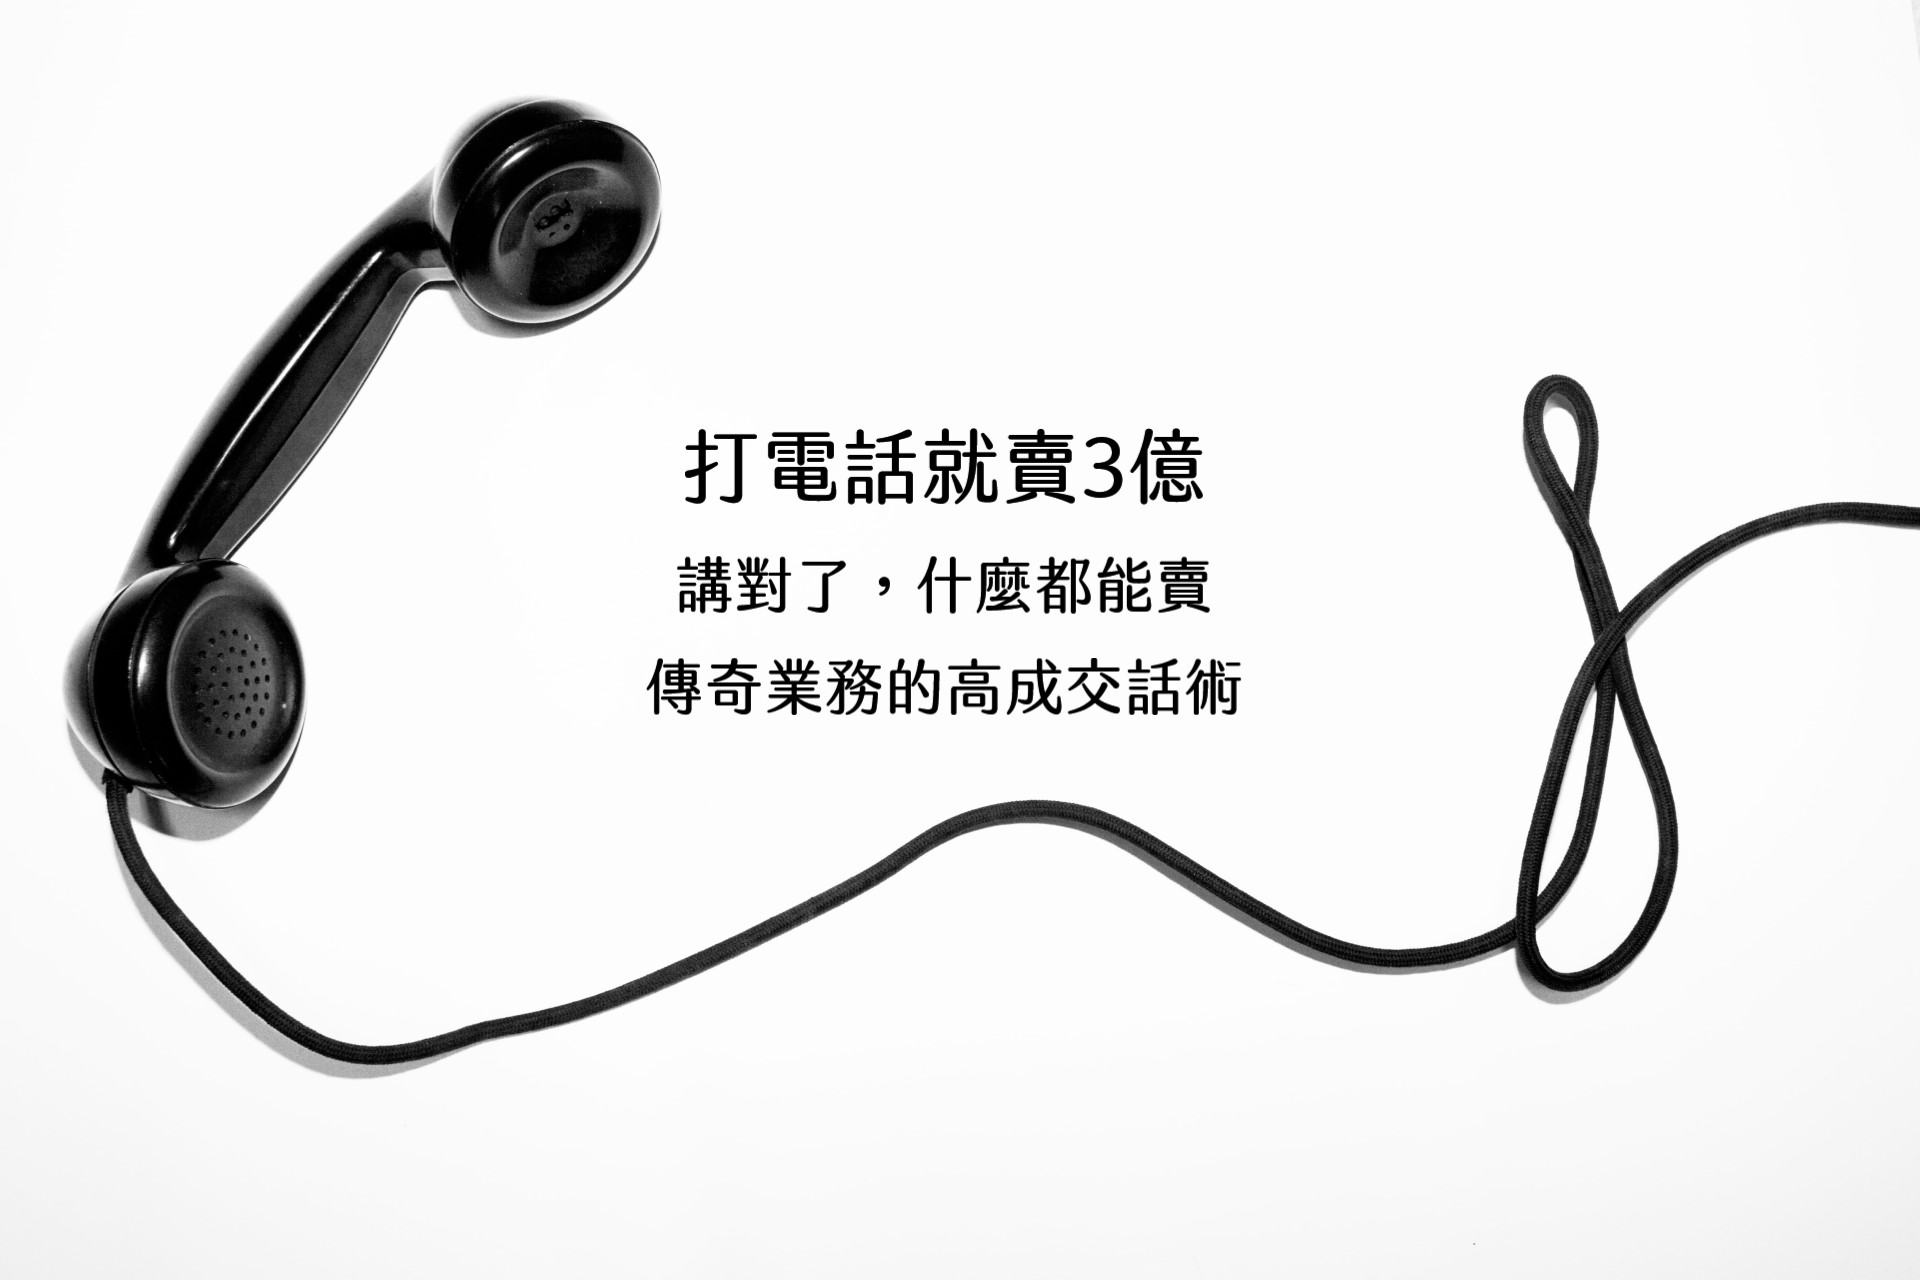 【嘉鴻筆記】打電話就賣3億:講對了,什麼都能賣,傳奇業務的高成交話術 2